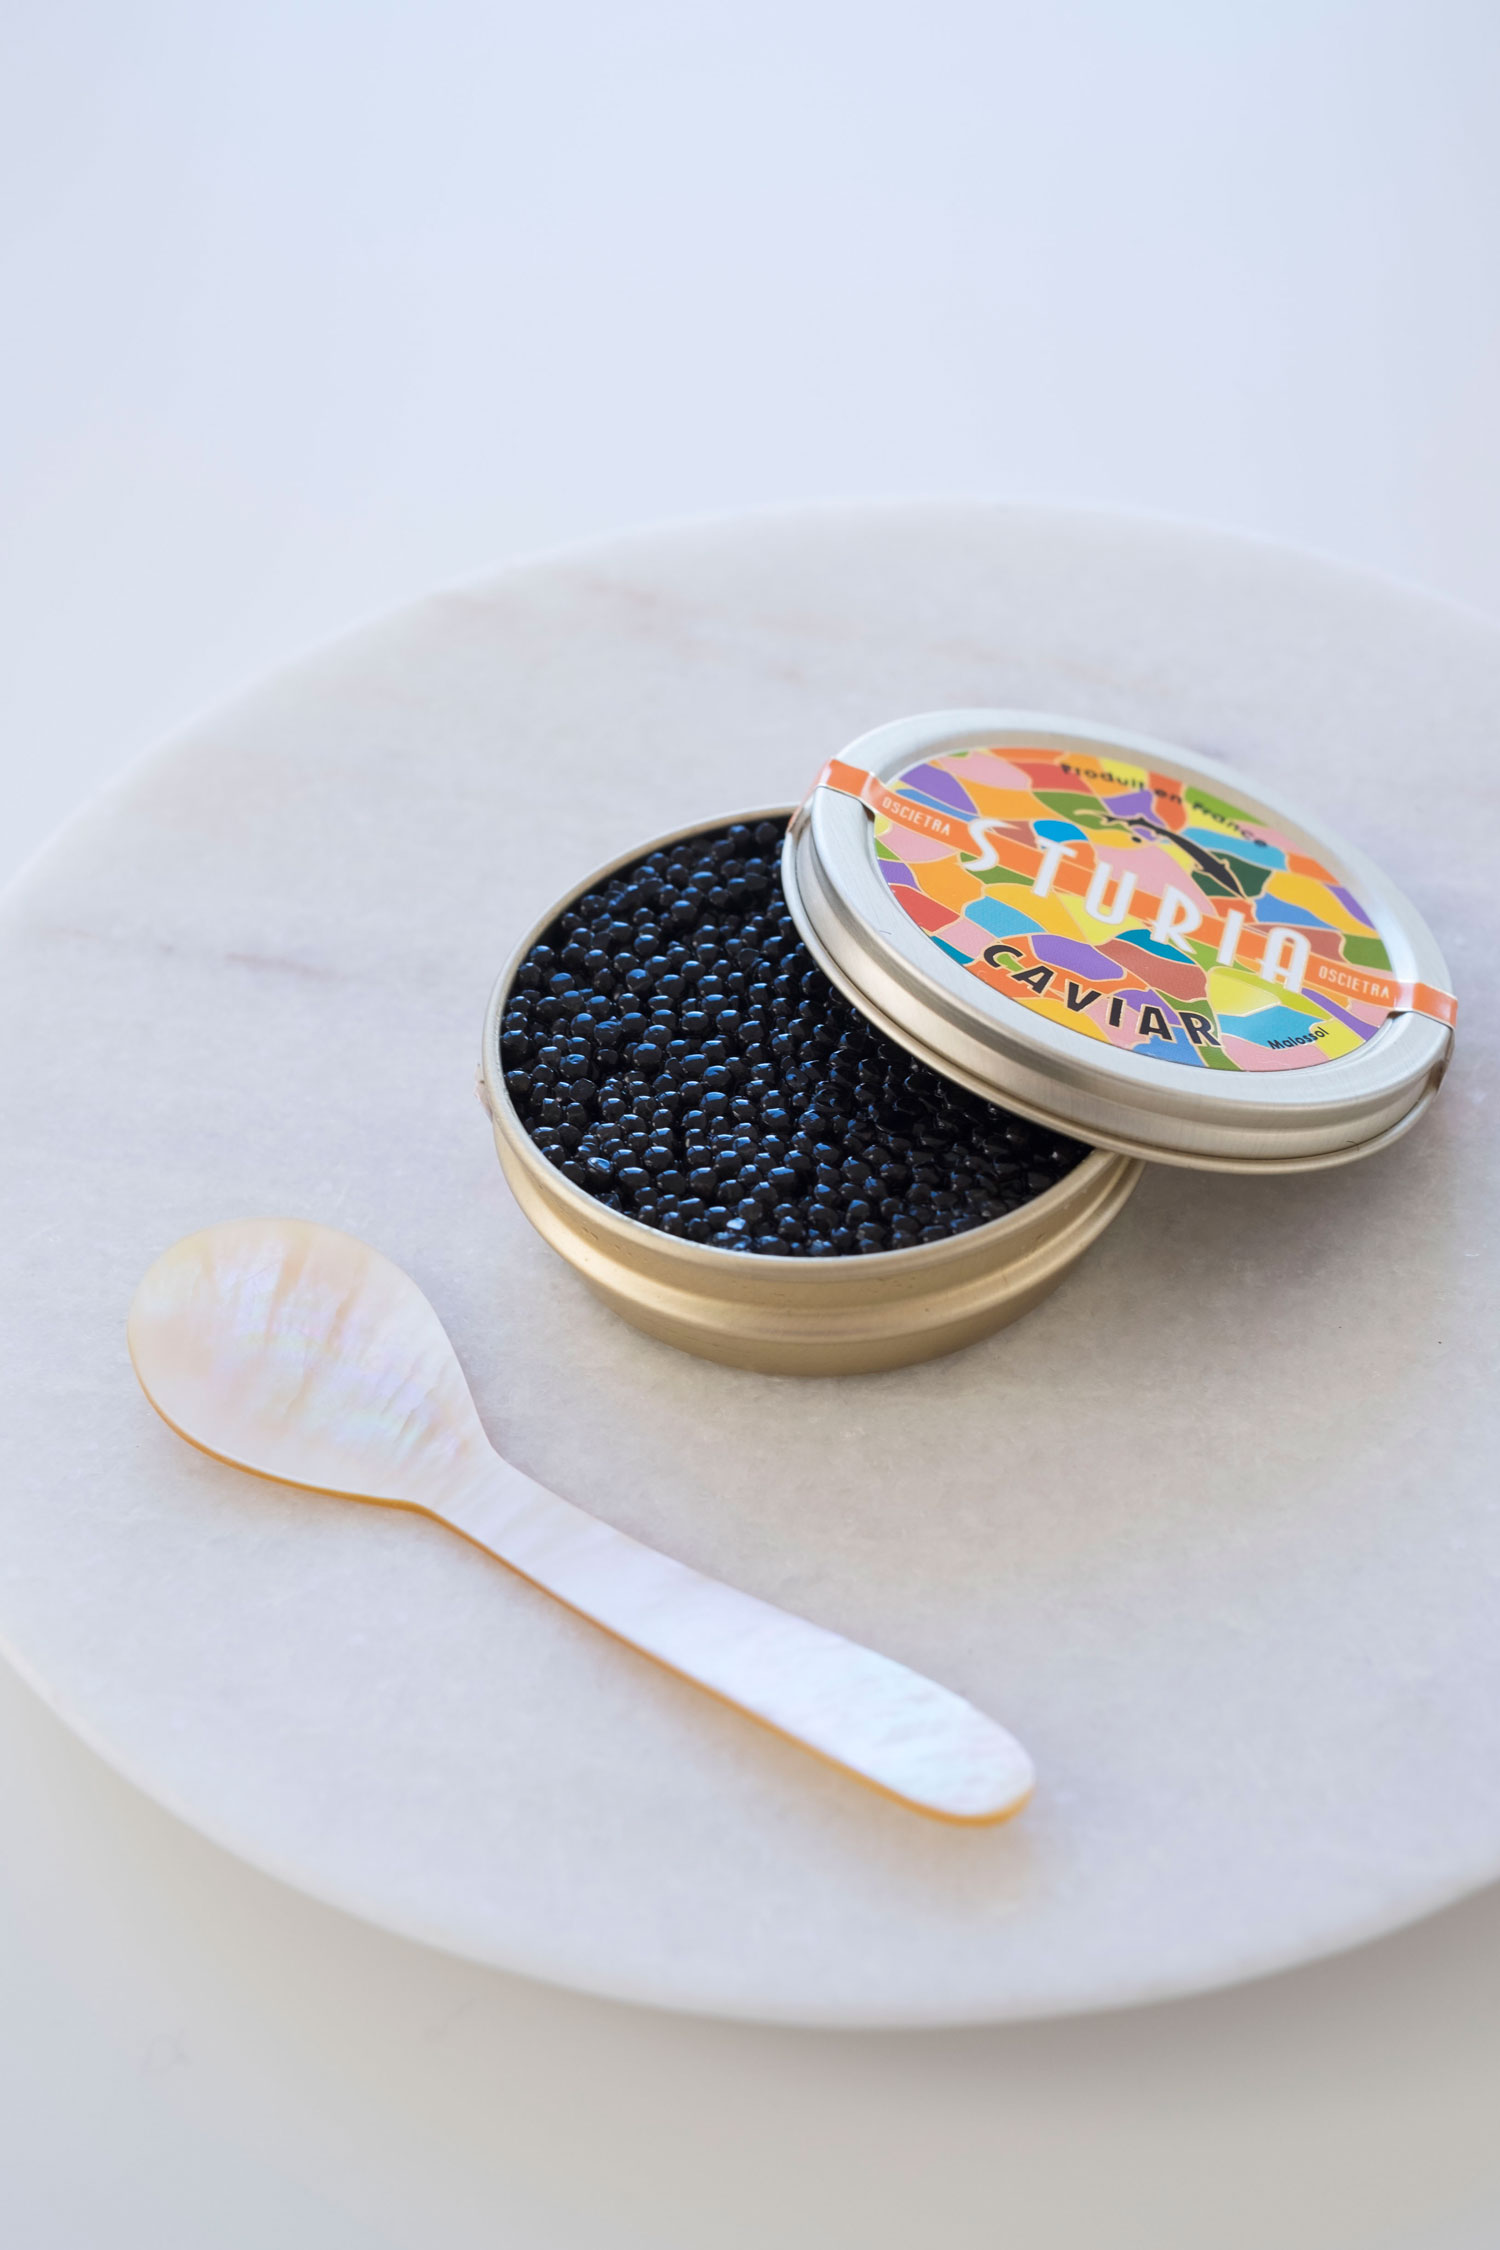 Sturia Caviar